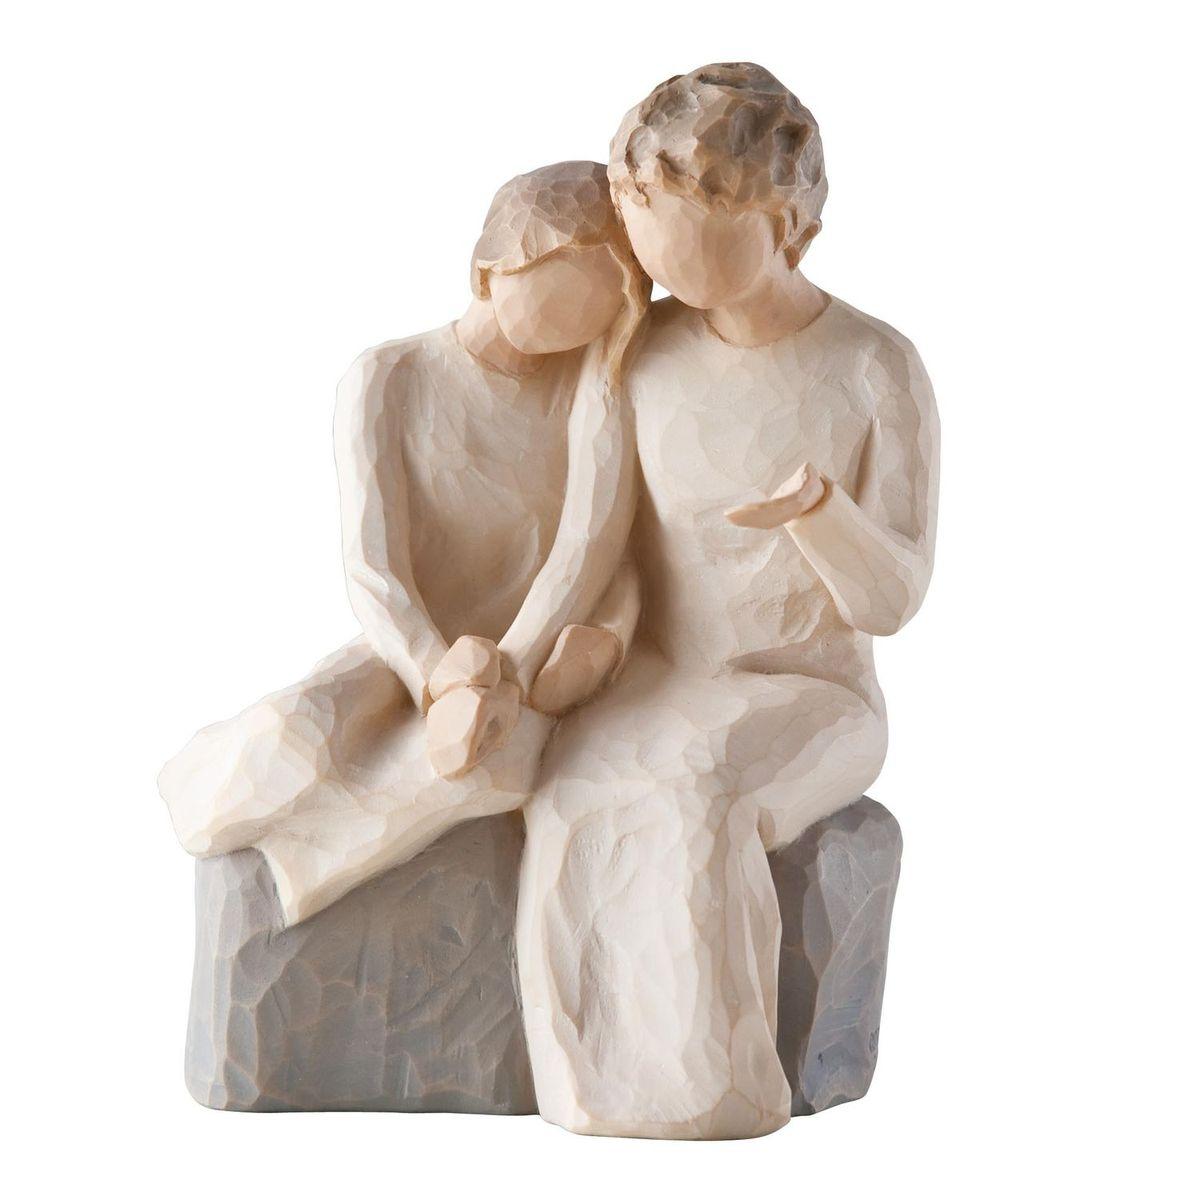 """Декоративная фигурка """"Willow Tree"""" создана канадским скульптором Сьюзан Лорди. Фигурка выполнена из искусственного камня (49% карбонат кальция мелкозернистой разновидности, 51% искусственный камень).  Фигурка """"Willow Tree"""" – это настоящее произведение искусства, образная скульптура в миниатюре, изображающая эмоции и чувства, которые помогают чувствовать себя ближе к другим, верить в мечту, выражать любовь.  Фигурка помещена в красивую упаковку.  Купить такой оригинальный подарок, значит не только украсить интерьер помещения или жилой комнаты, но выразить свое глубокое отношение к любимому человеку. Этот прекрасный сувенир будет лучшим подарком на день ангела, именины, день рождения, юбилей."""